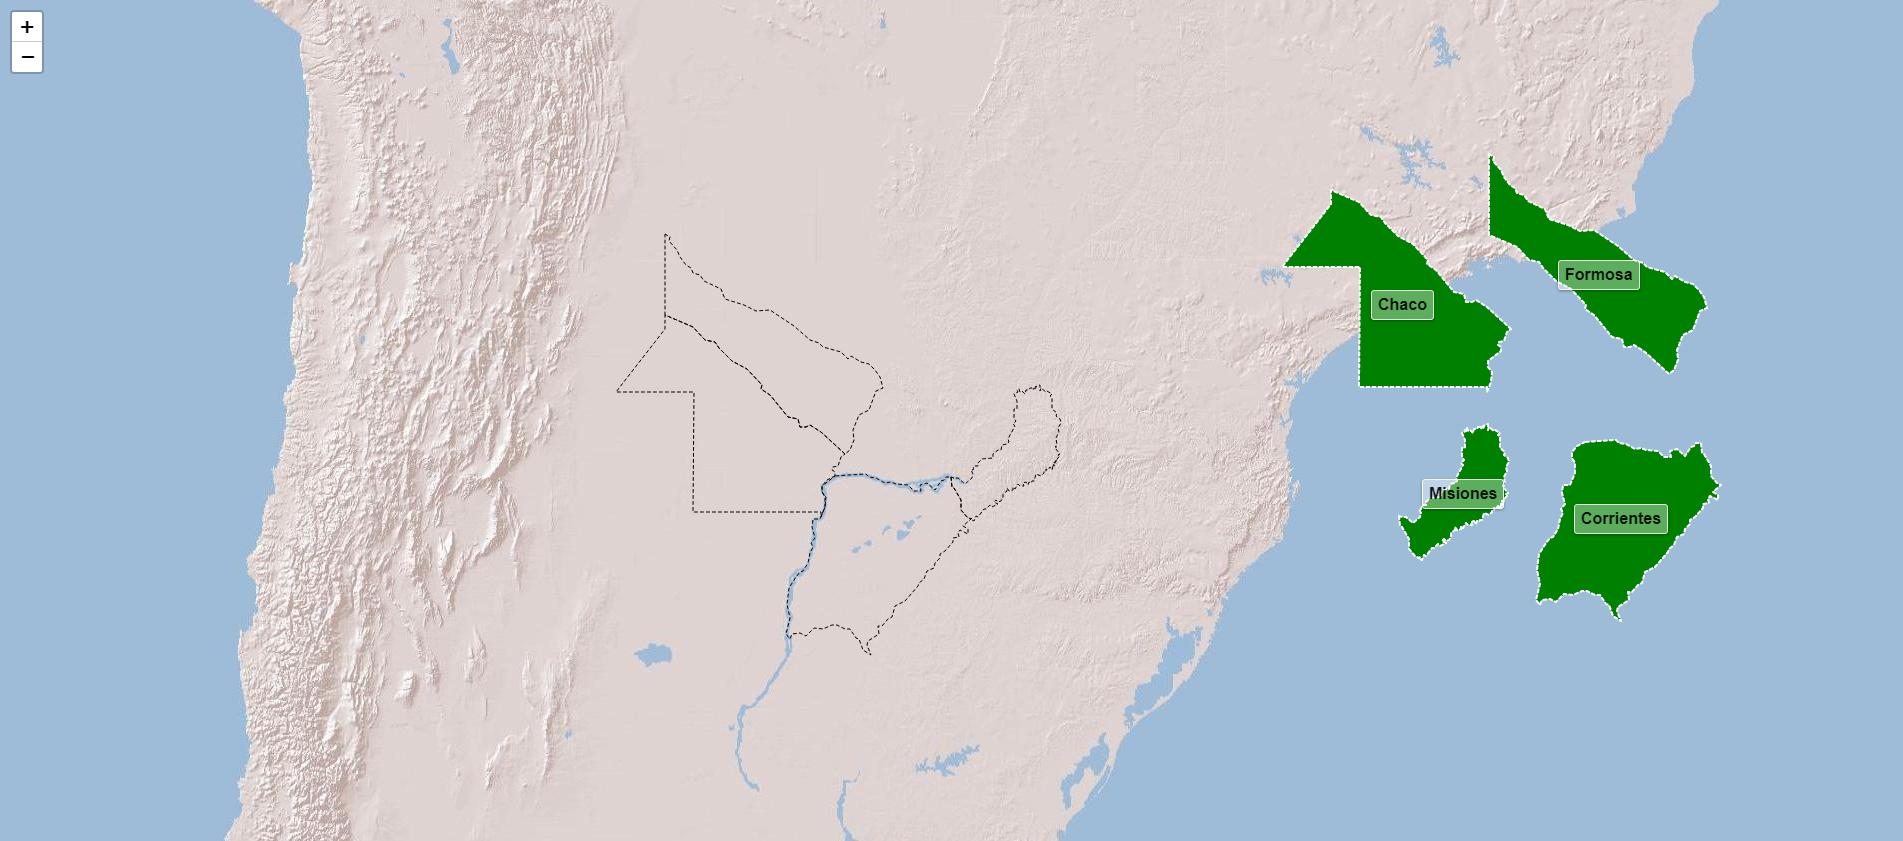 Províncias da região noreste de Argentina